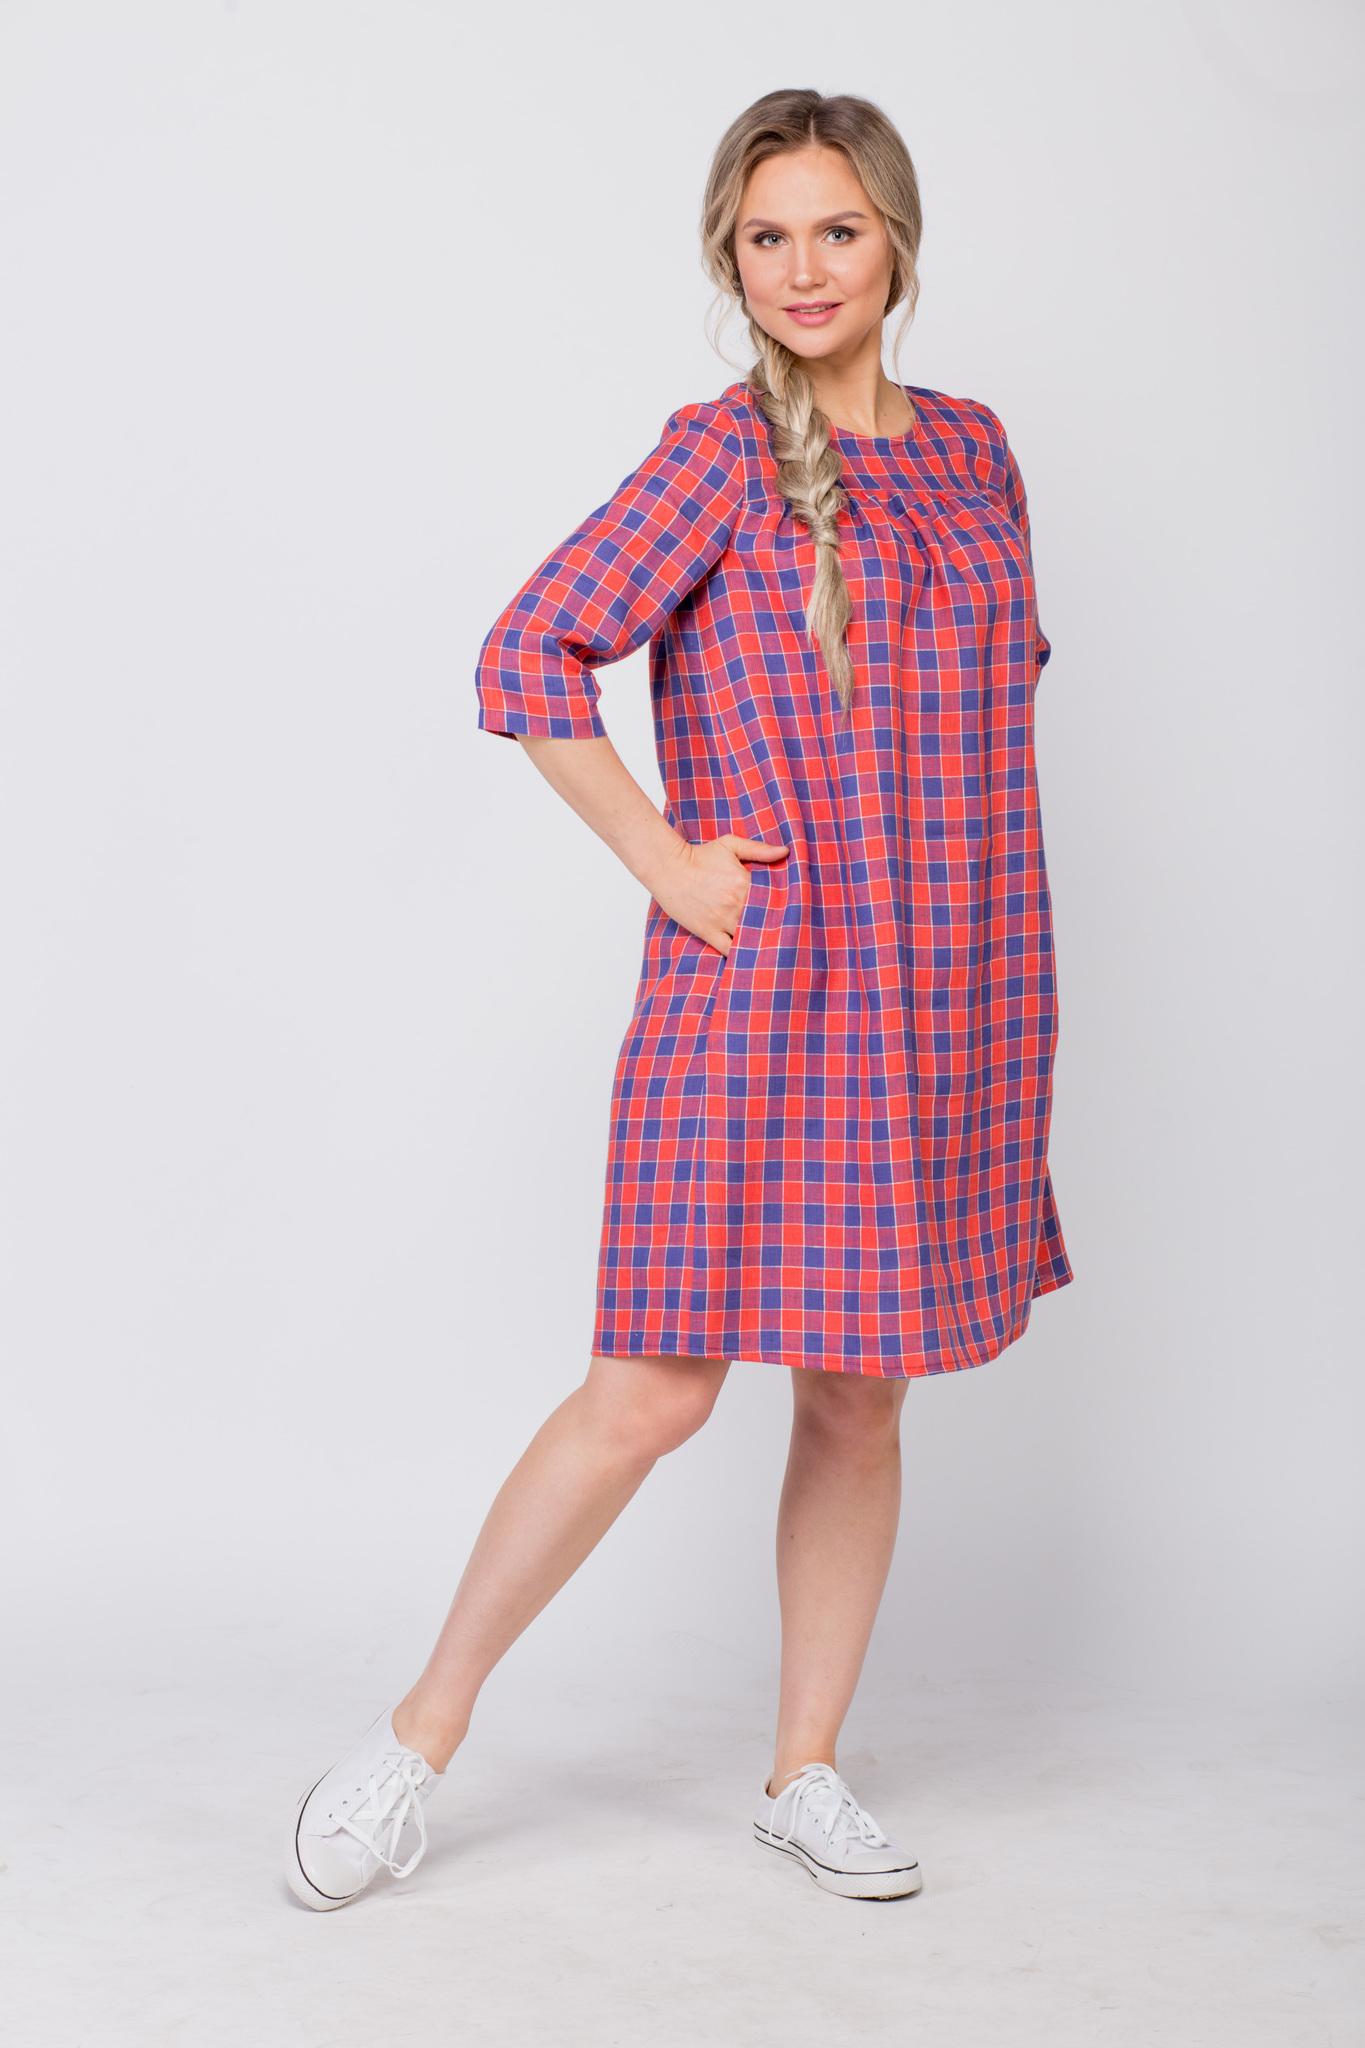 Платье льняное Хобби с карманом